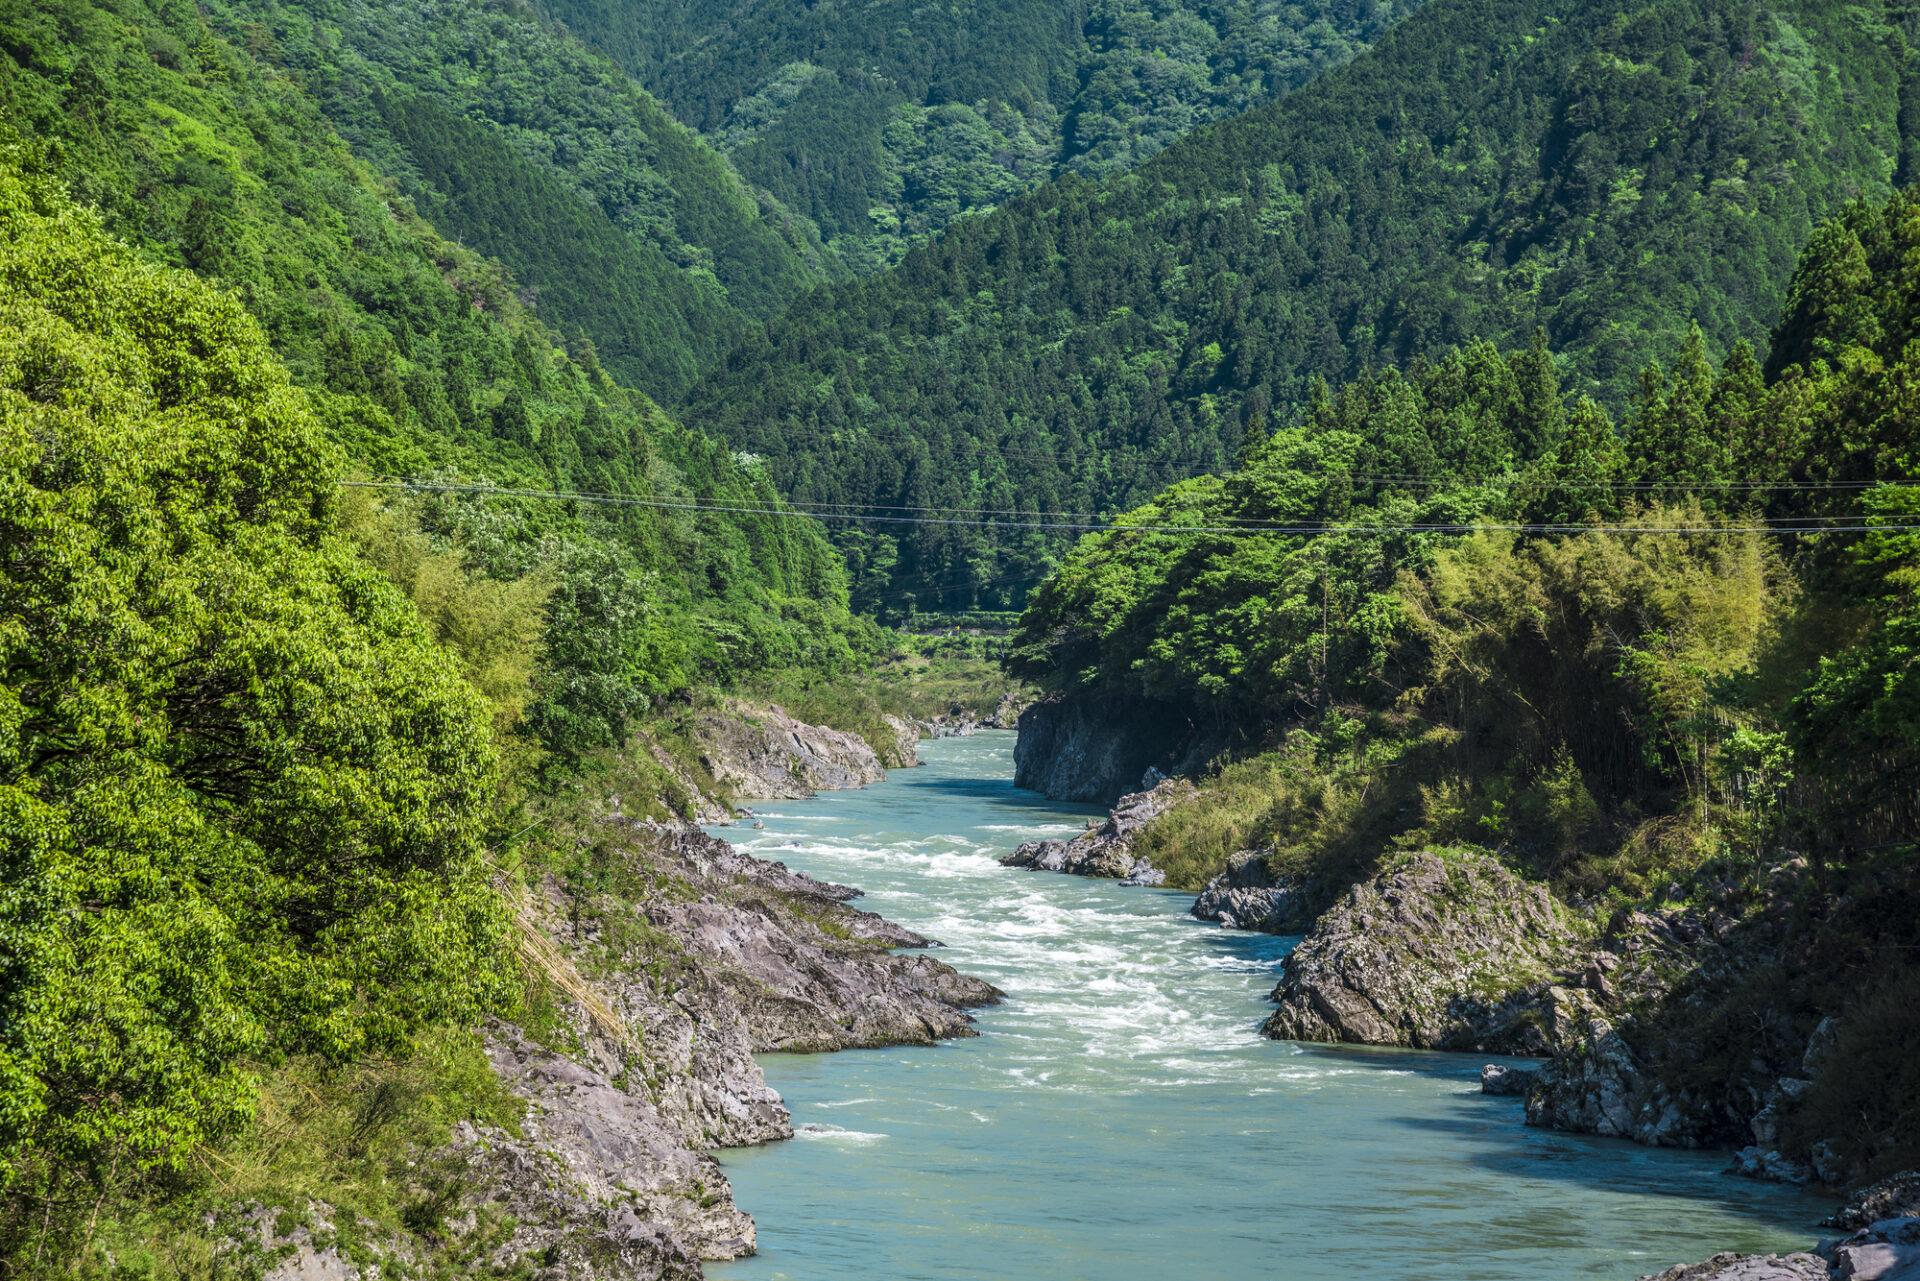 山の谷間に流れる大きな川